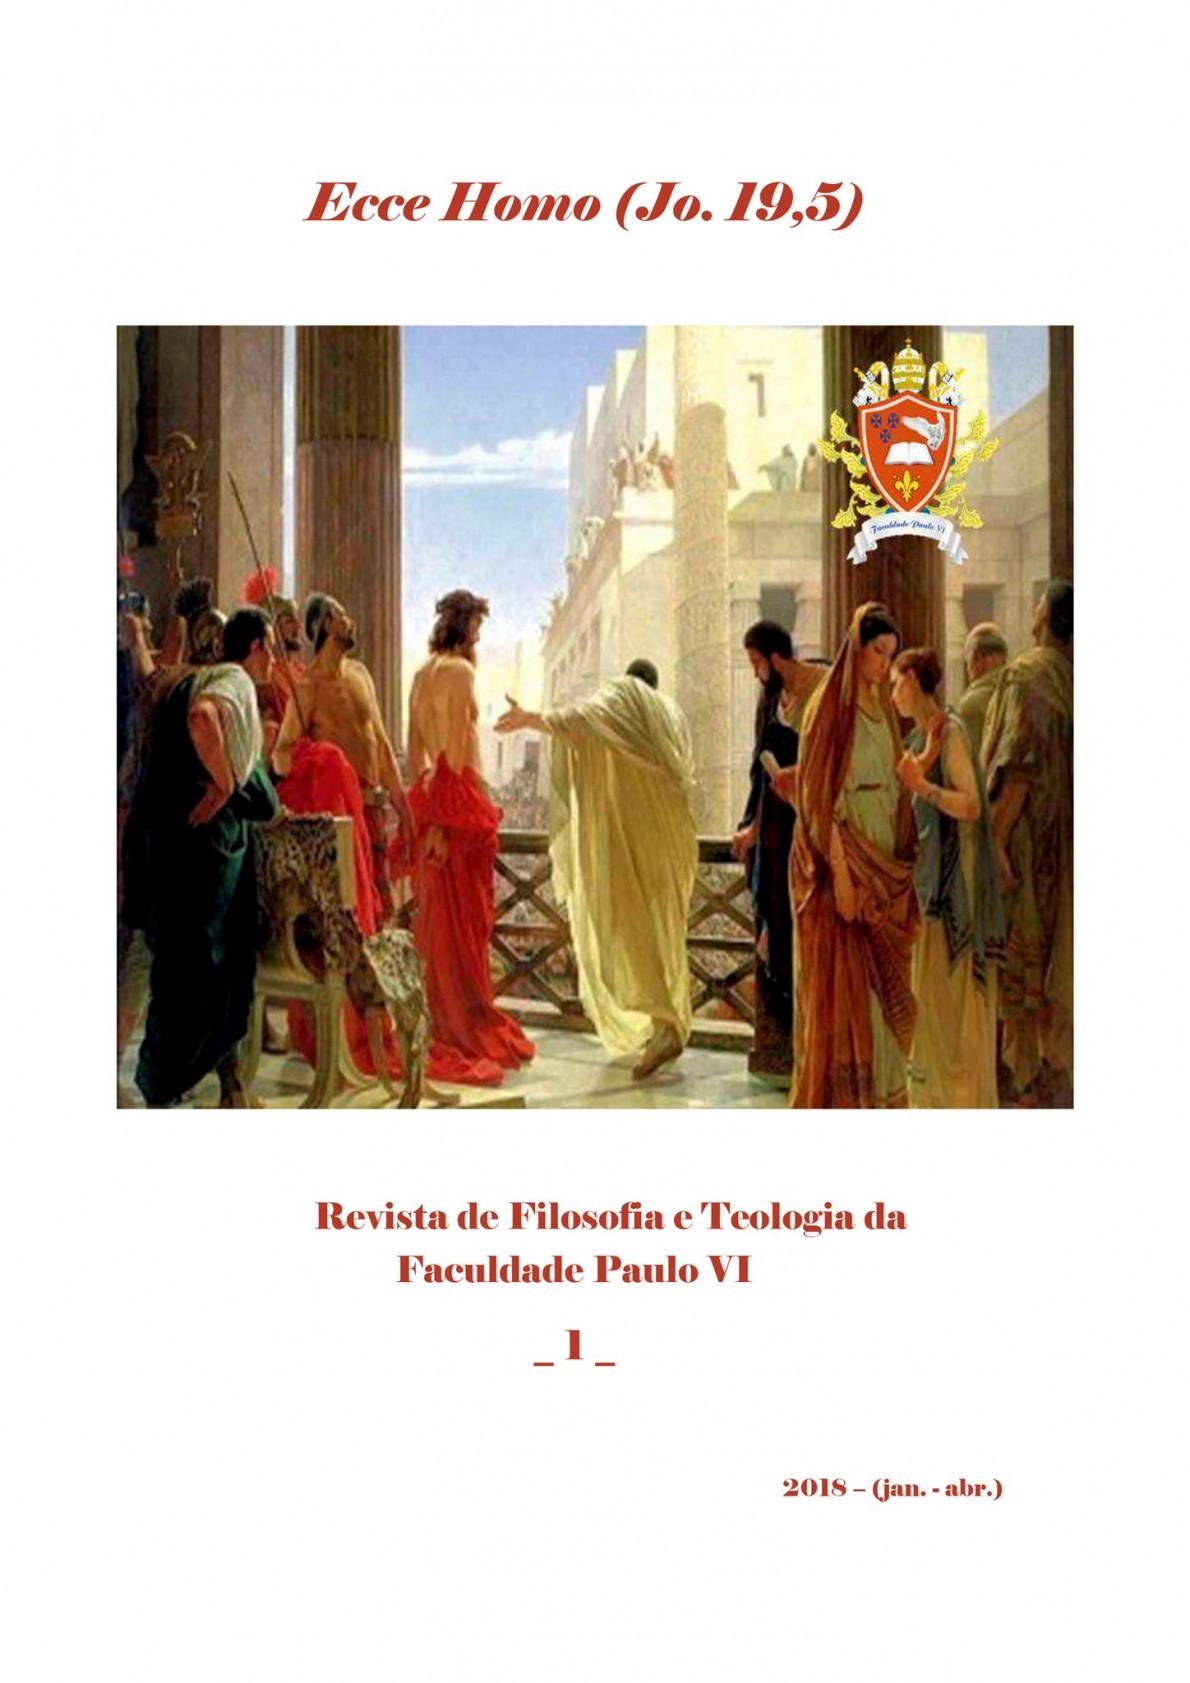 Revista Ecce Homo - Edição 01